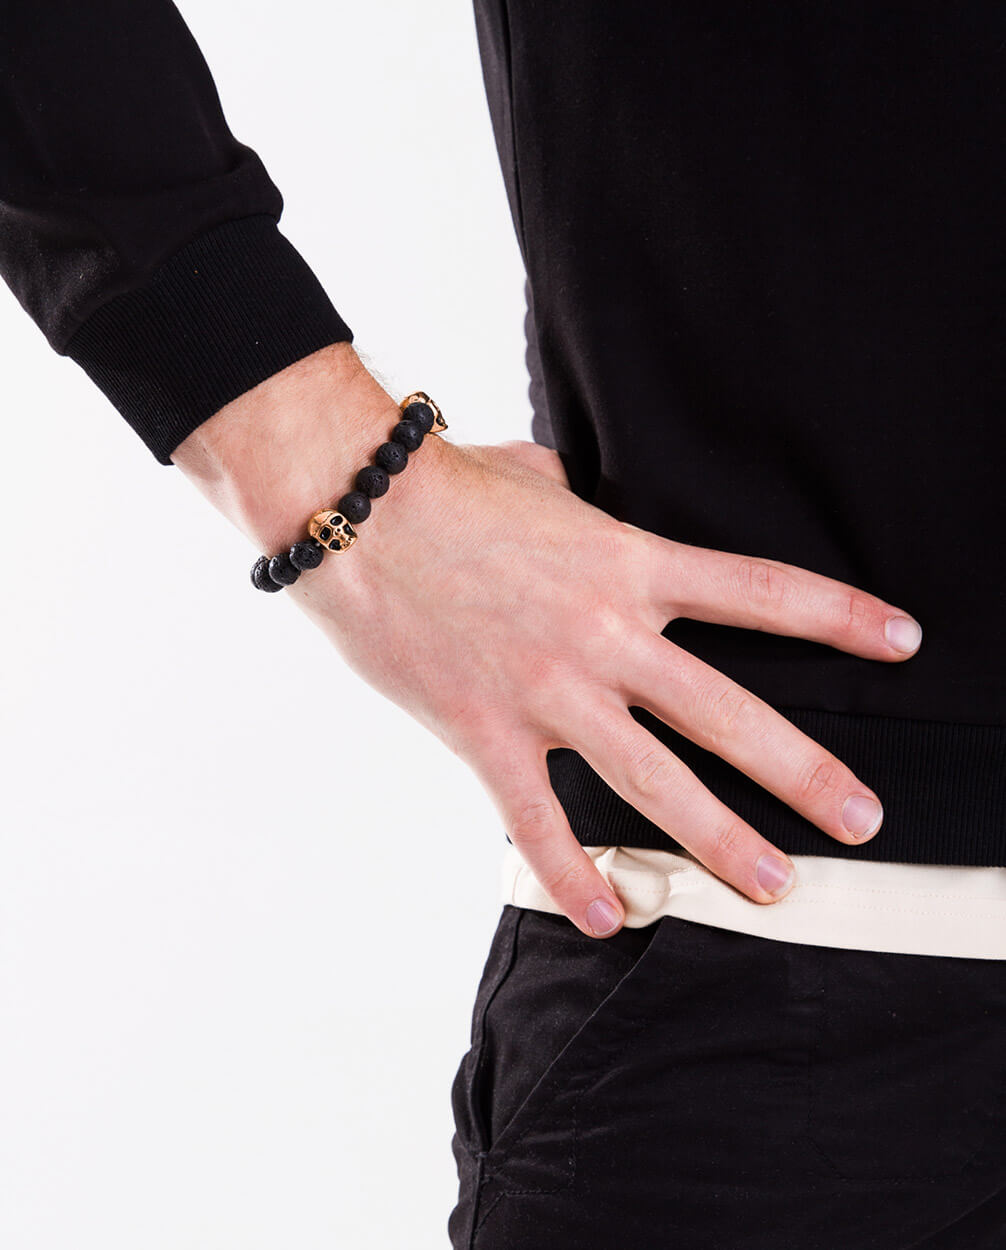 Lava-Stone-18kt-Gold-Skull-Bead-Charm-Bracelet